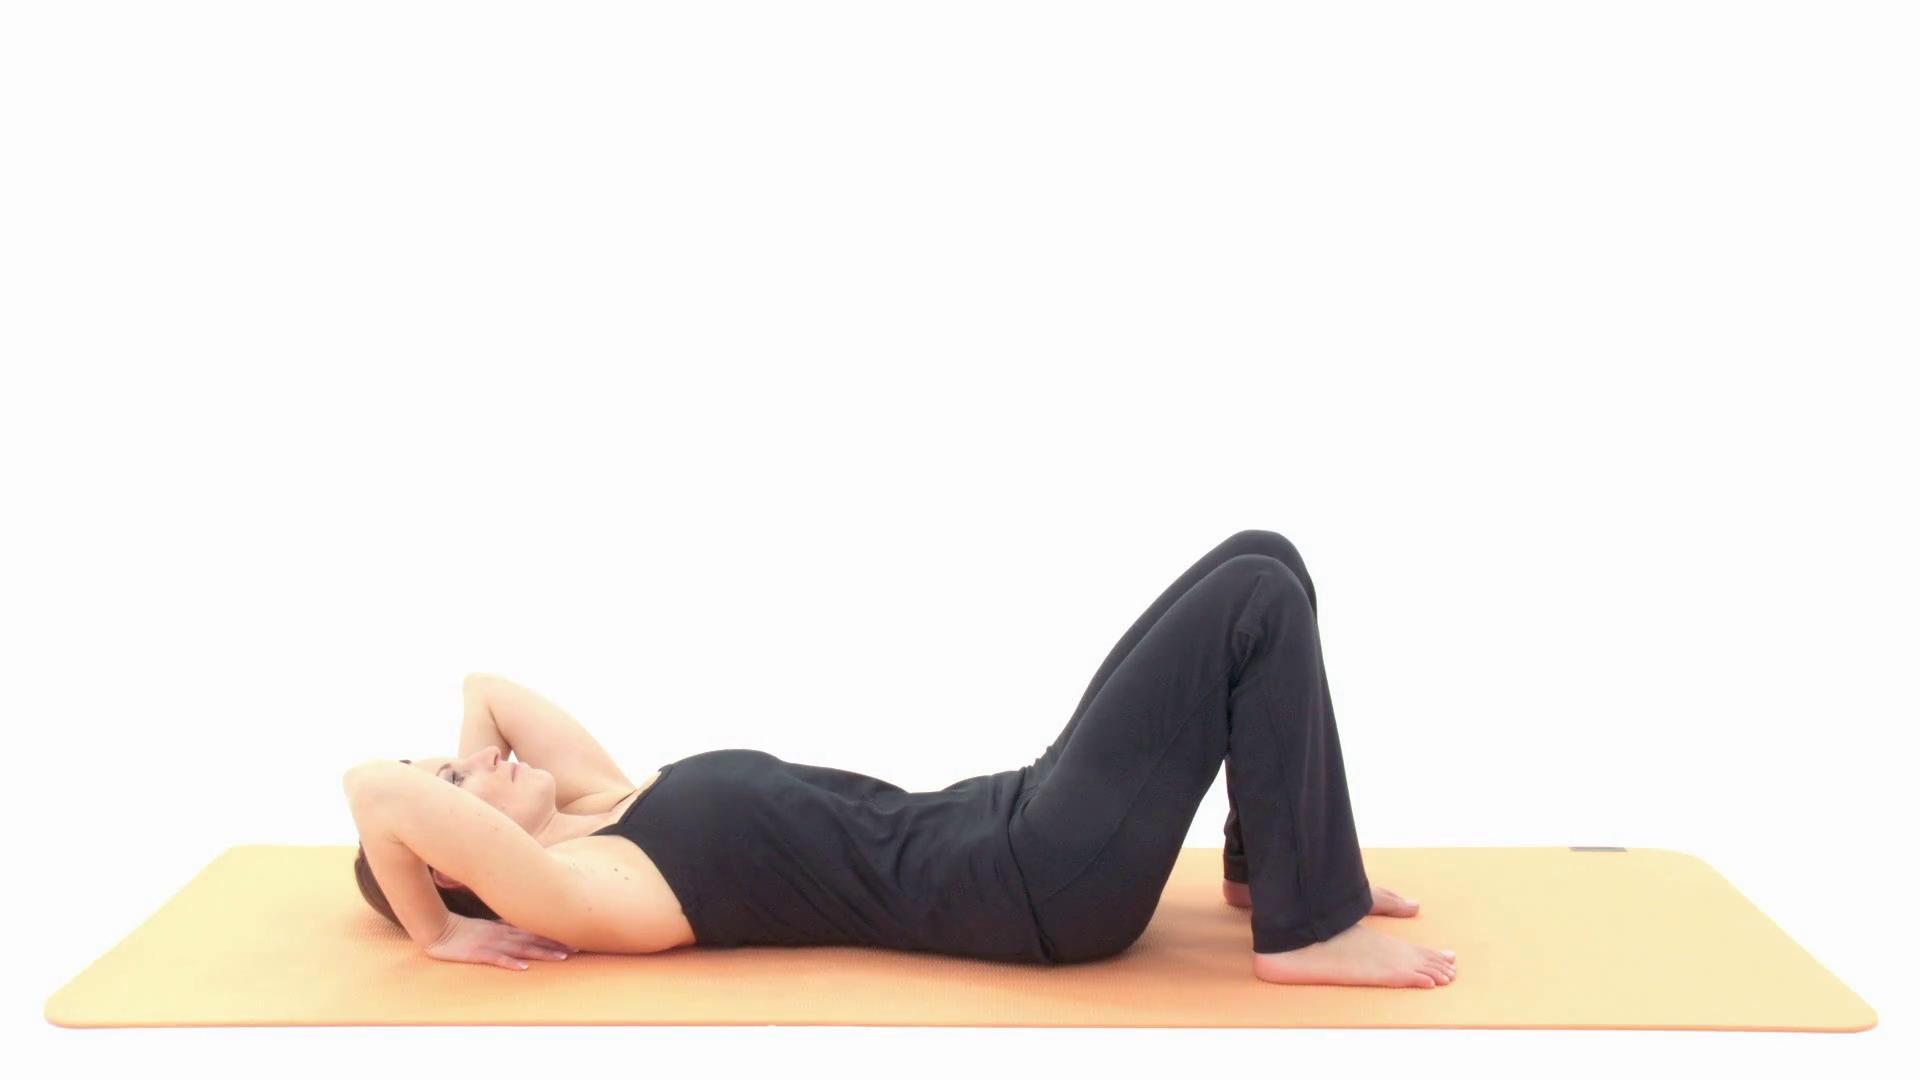 Do you do yoga? 1